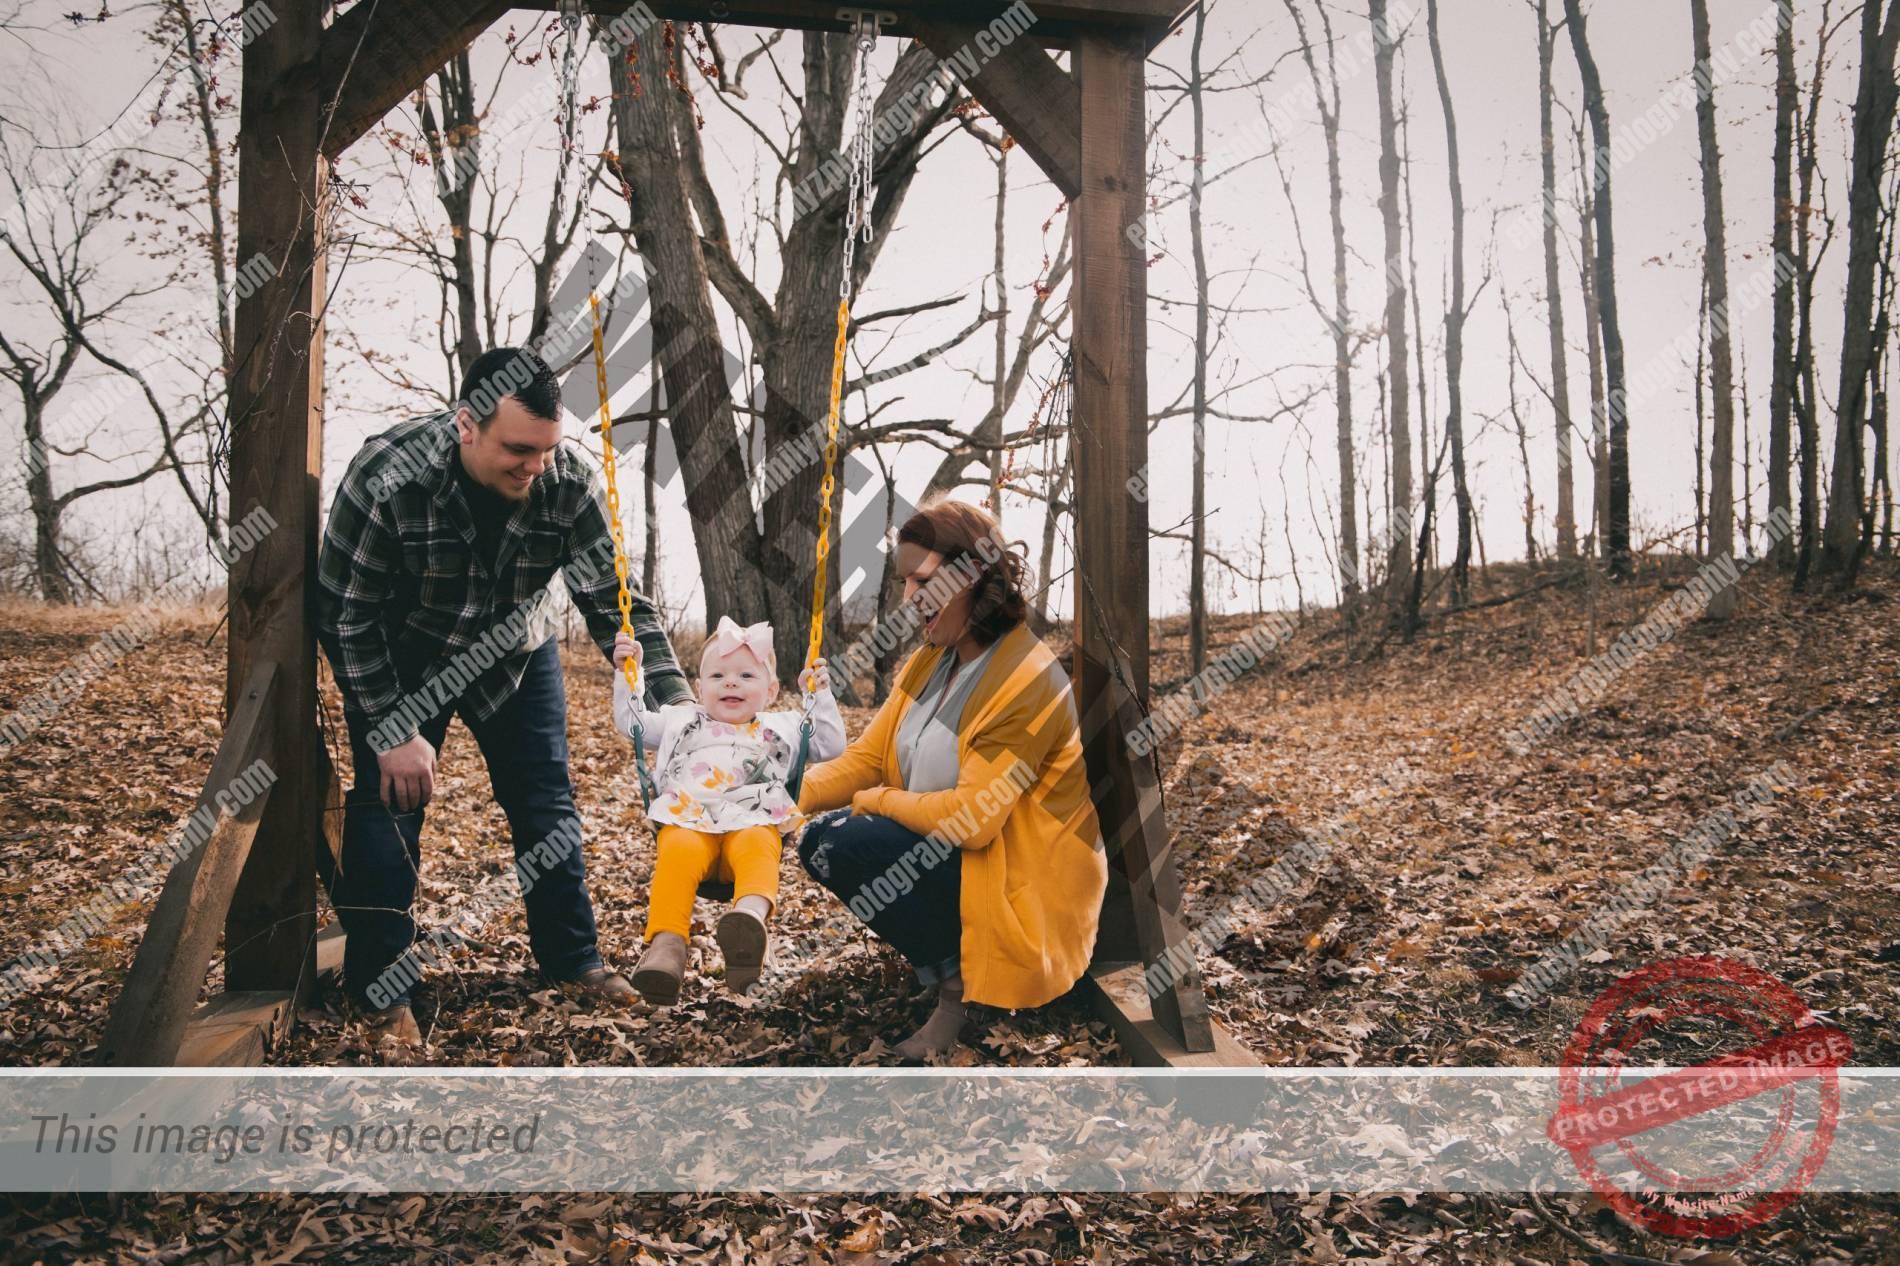 gibbsfamily-71